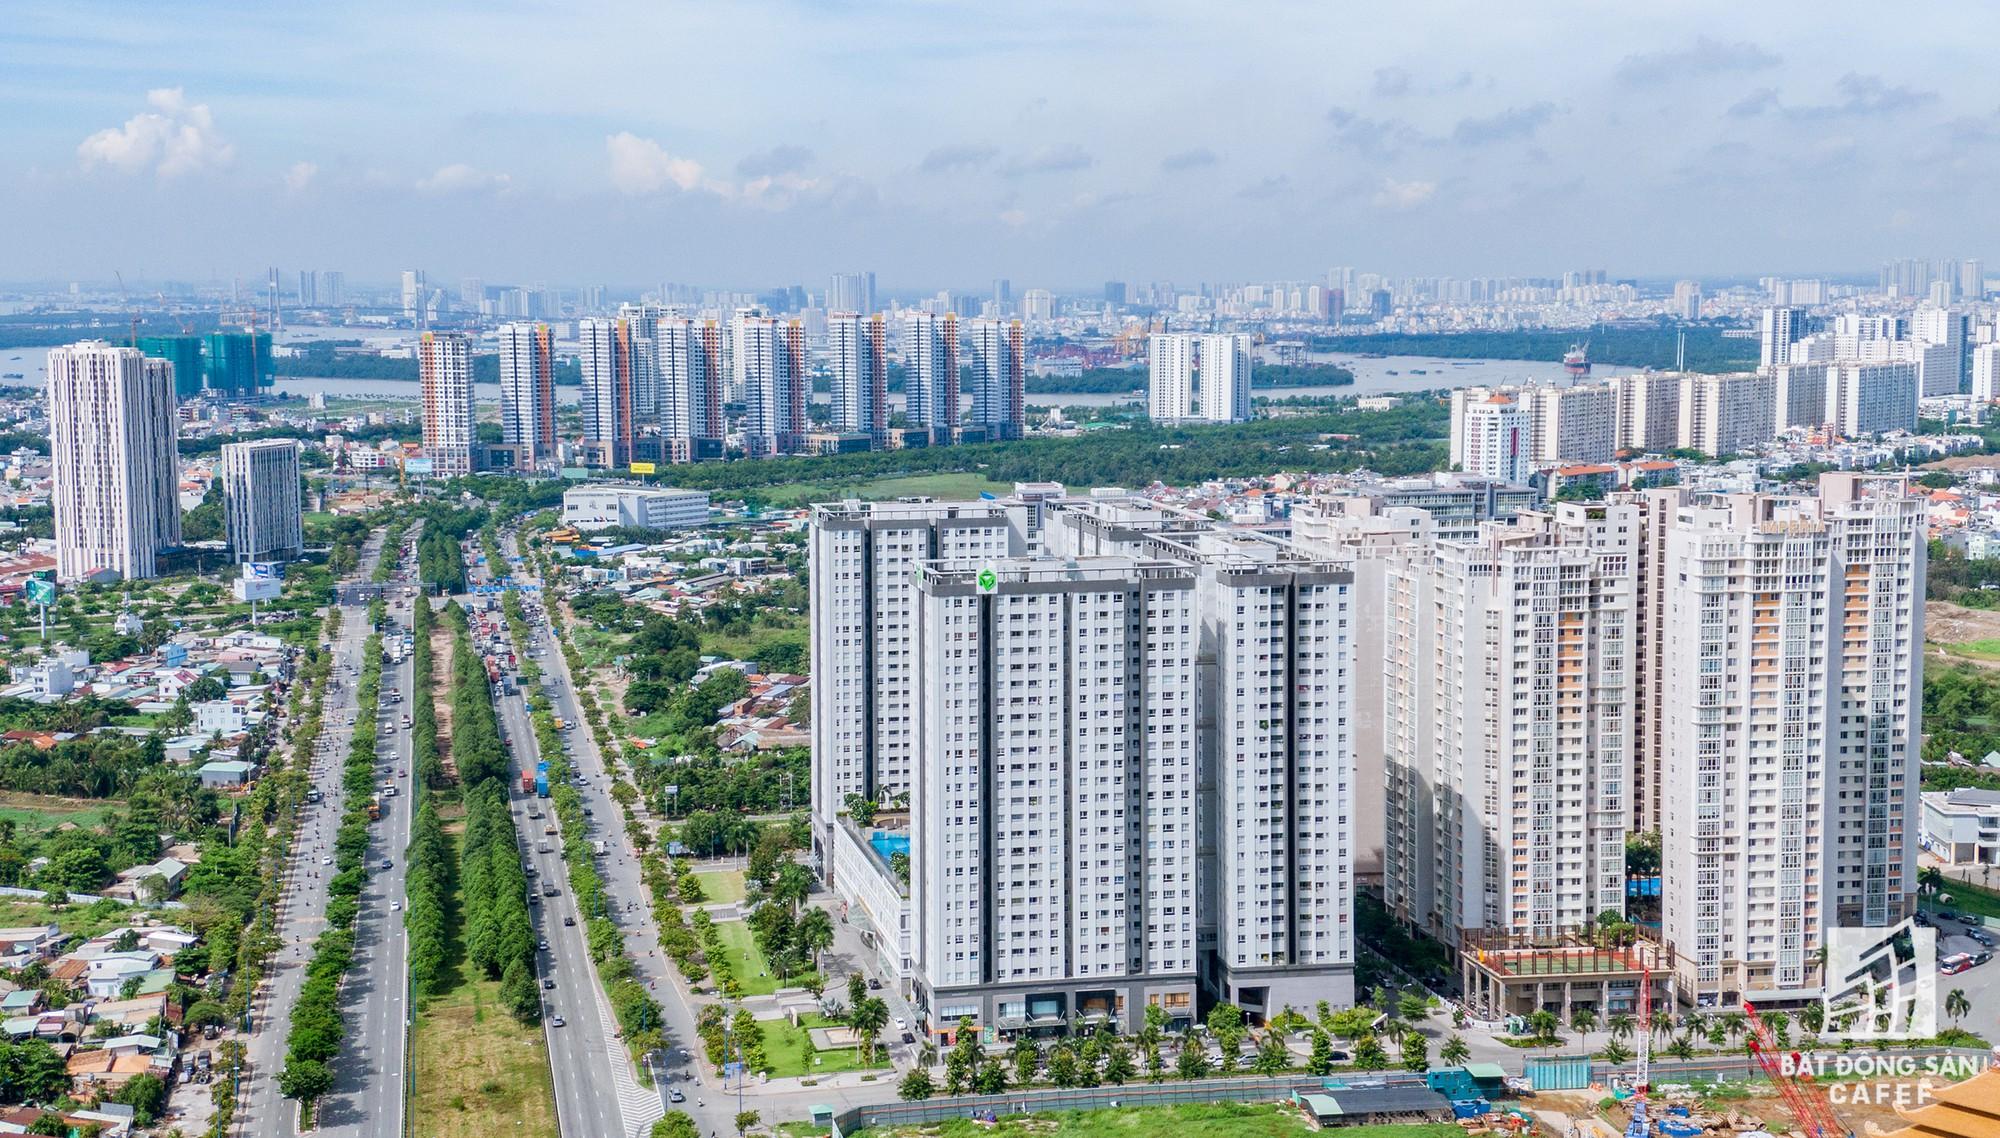 Toàn cảnh tiến độ các dự án của Novaland năm 2019 tại TP.HCM, Vũng Tàu, Phan Thiết và Cam Ranh - Ảnh 7.